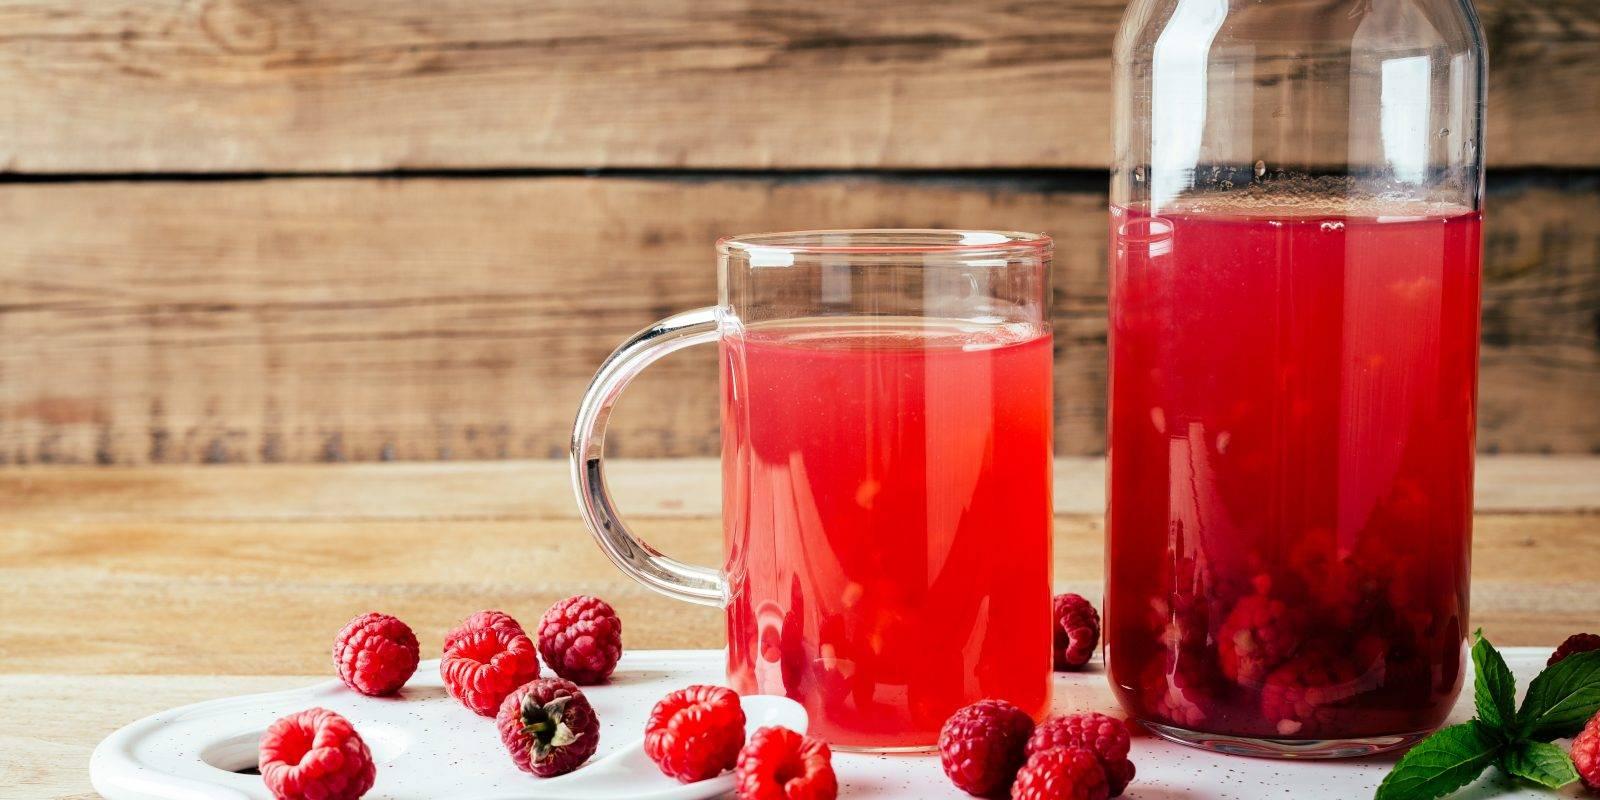 Как приготовить ягодный морс: топ-5 рецептов